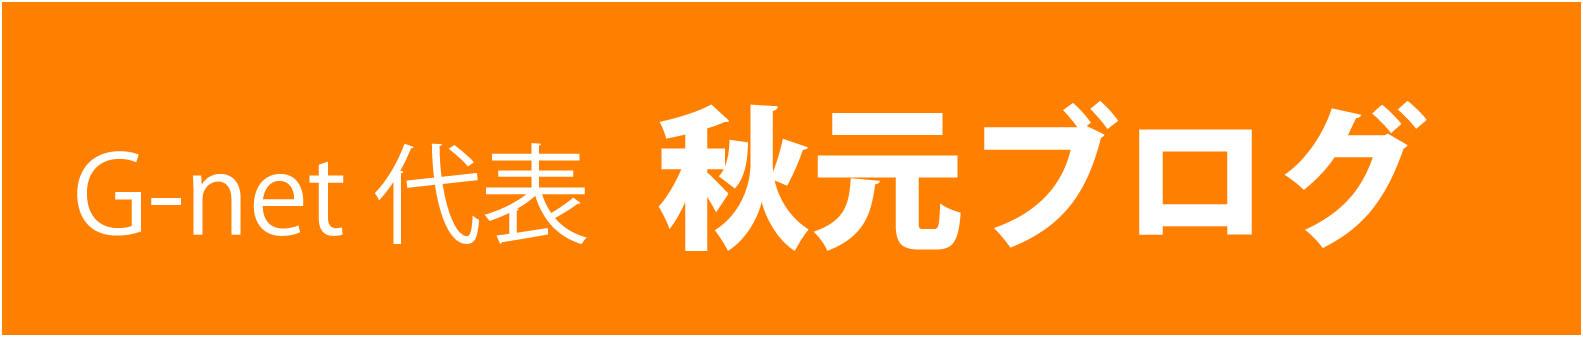 G-net代表秋元ブログ